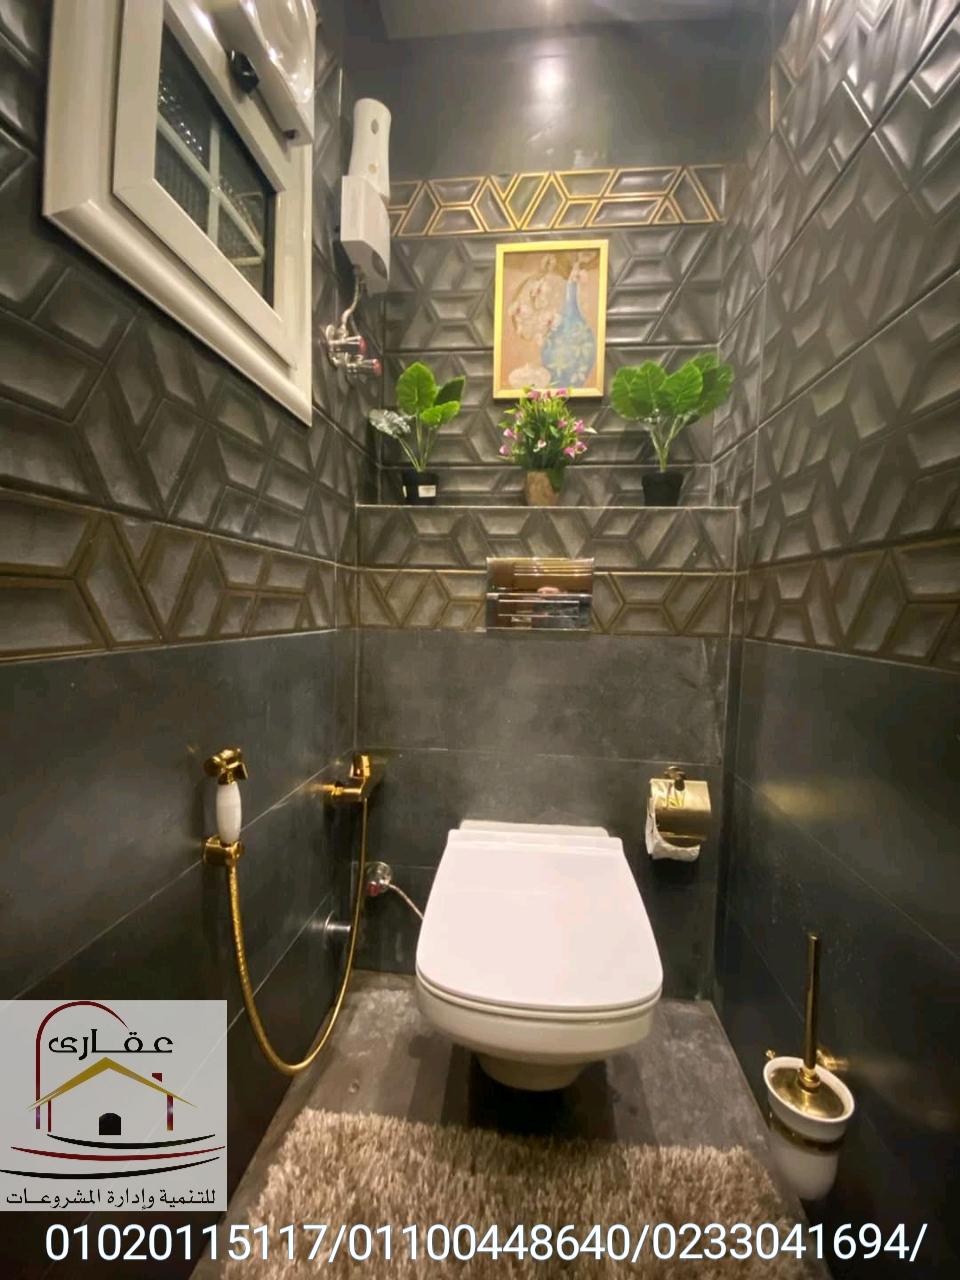 حمامات / افضل الديكورات والتشطيبات للحمامات/ عقارى 01100448640    Whats121